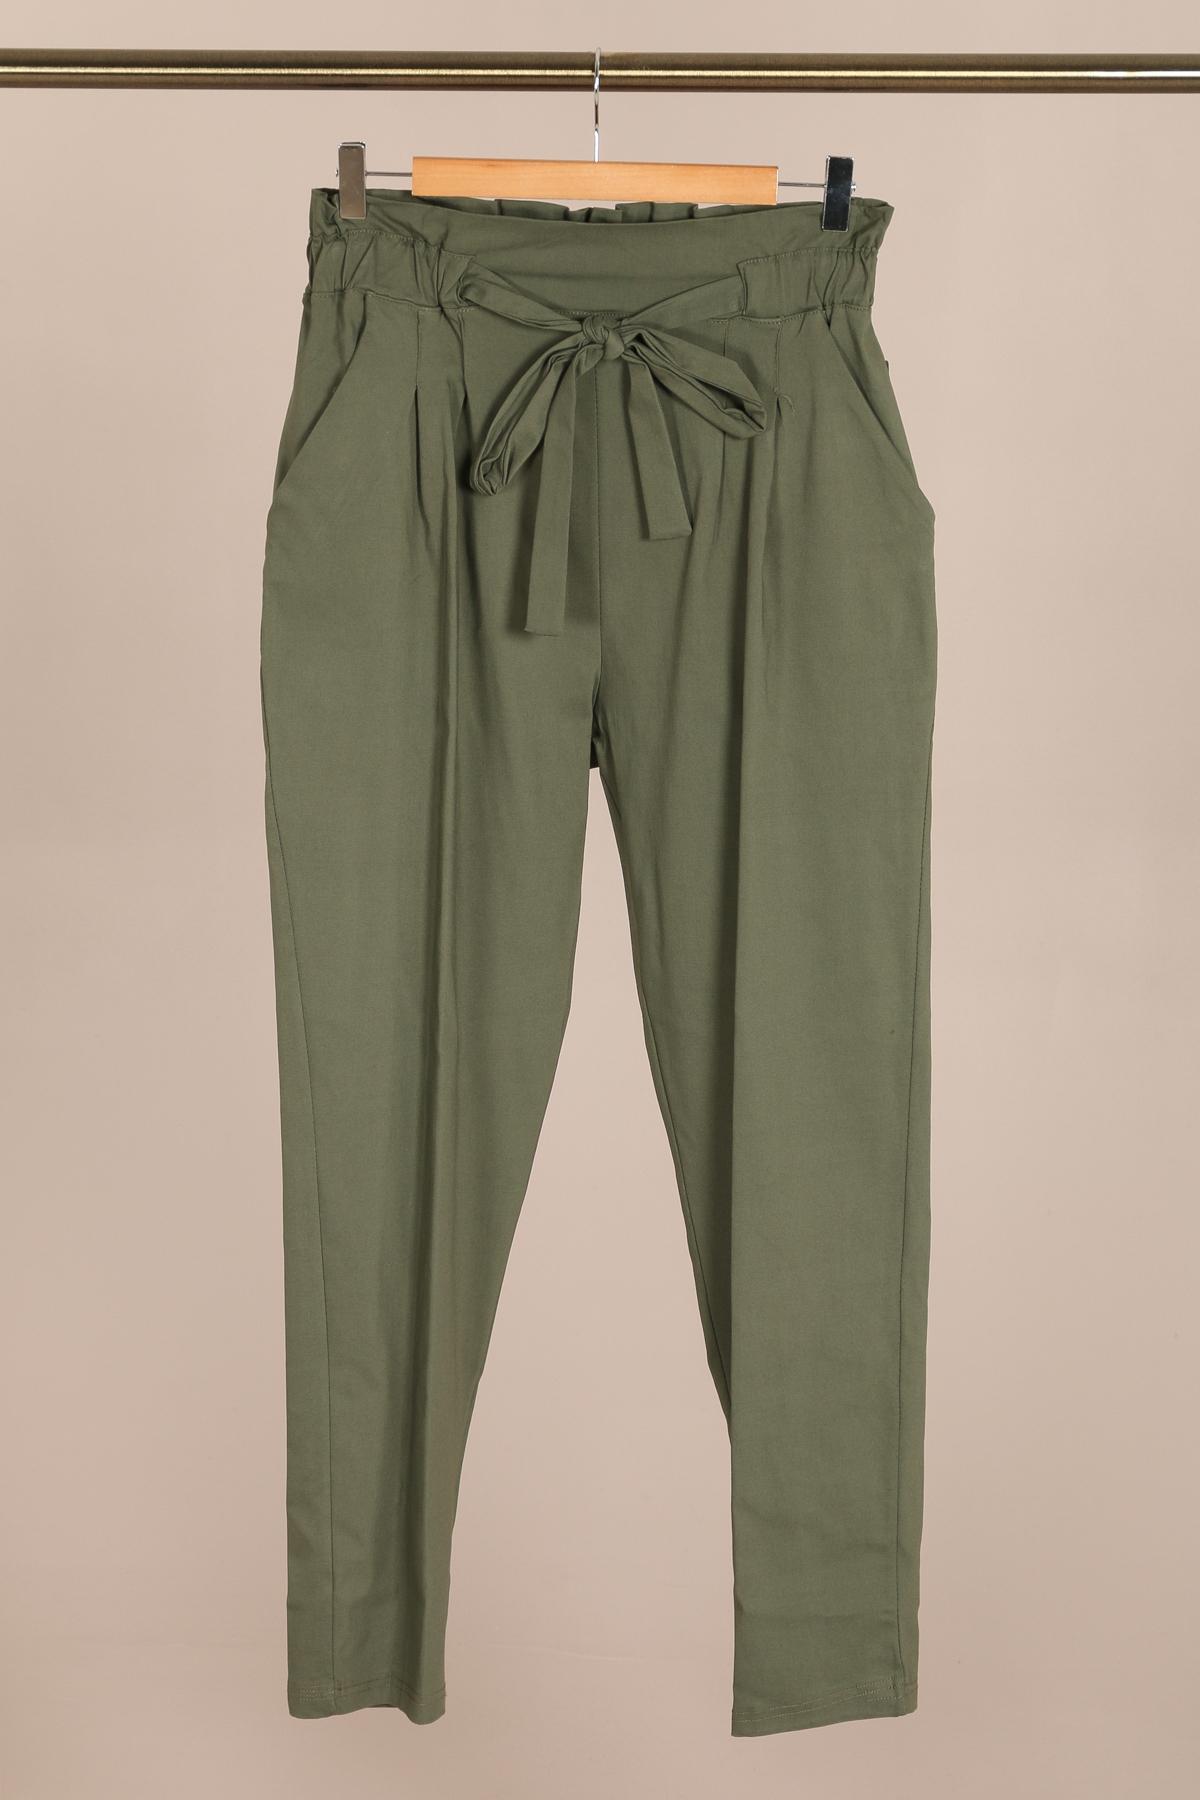 pantalon grande taille femme 46 au 60 marque 2w paris kaki p2123